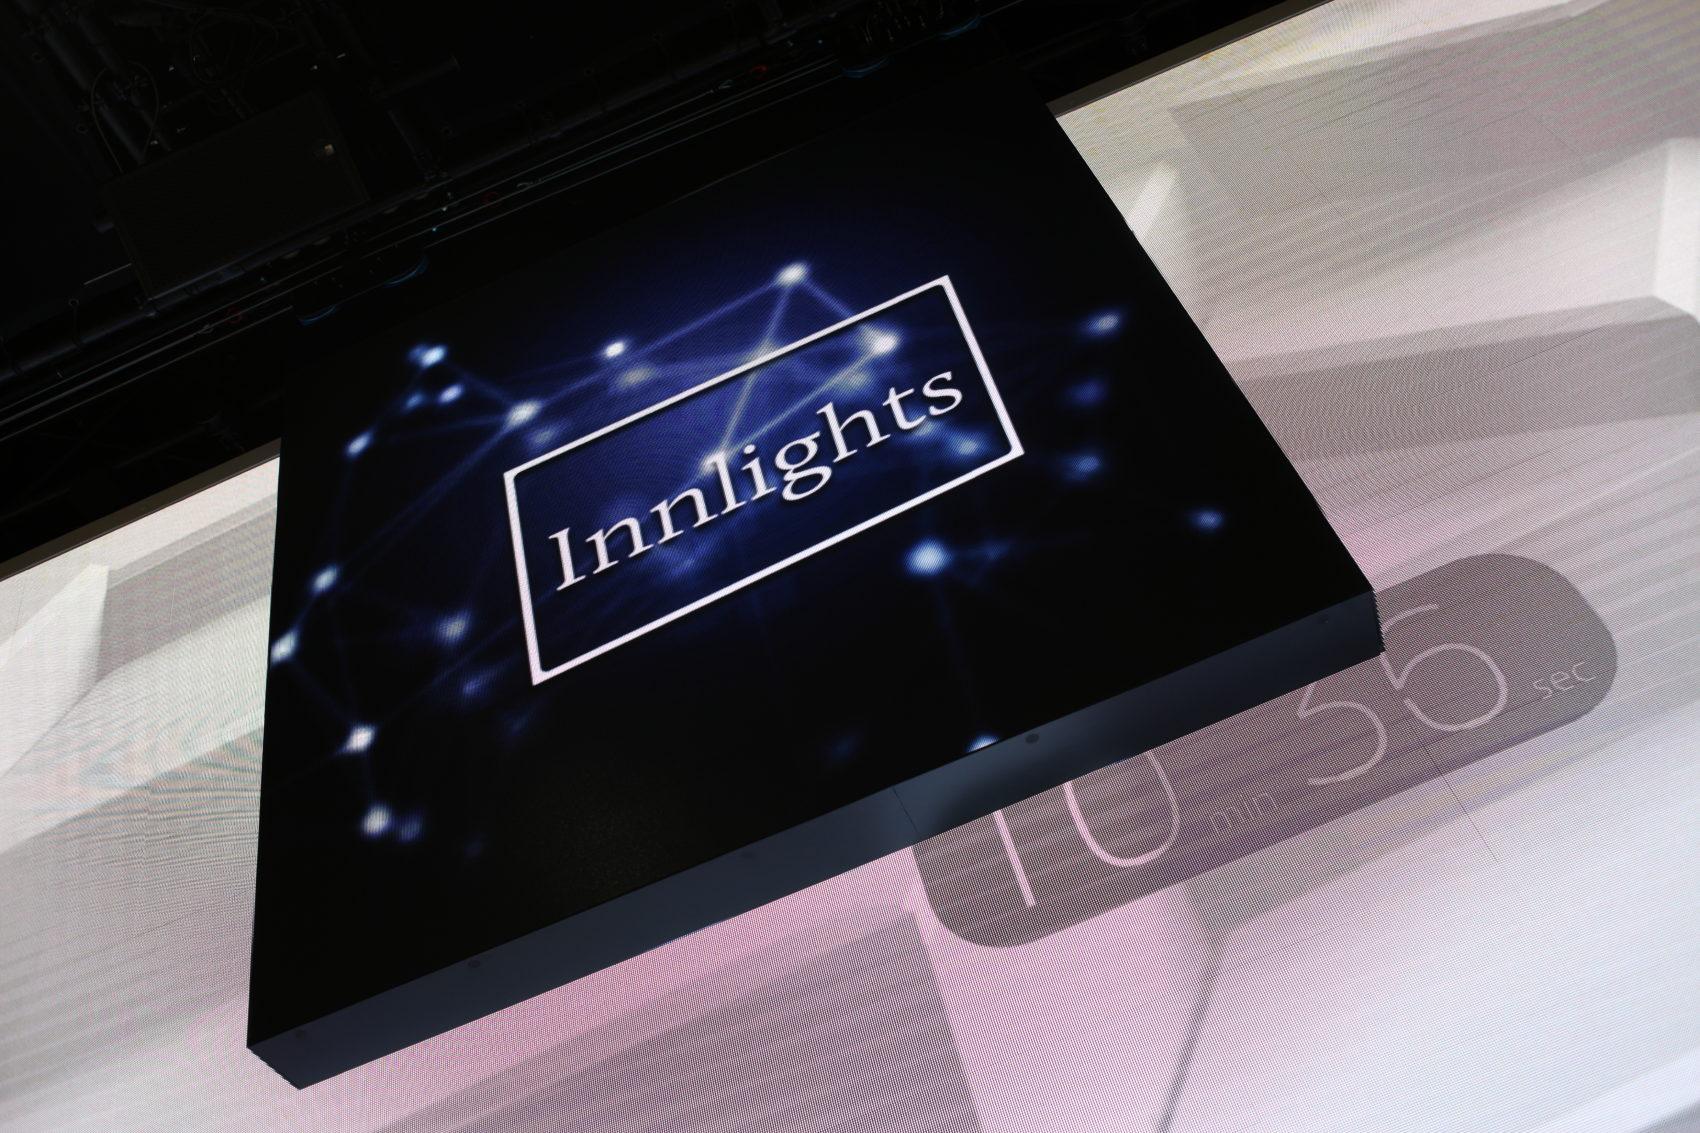 Innlights Messestand - InnScreen J2 - BOE 2017 - kinetic LED-screen